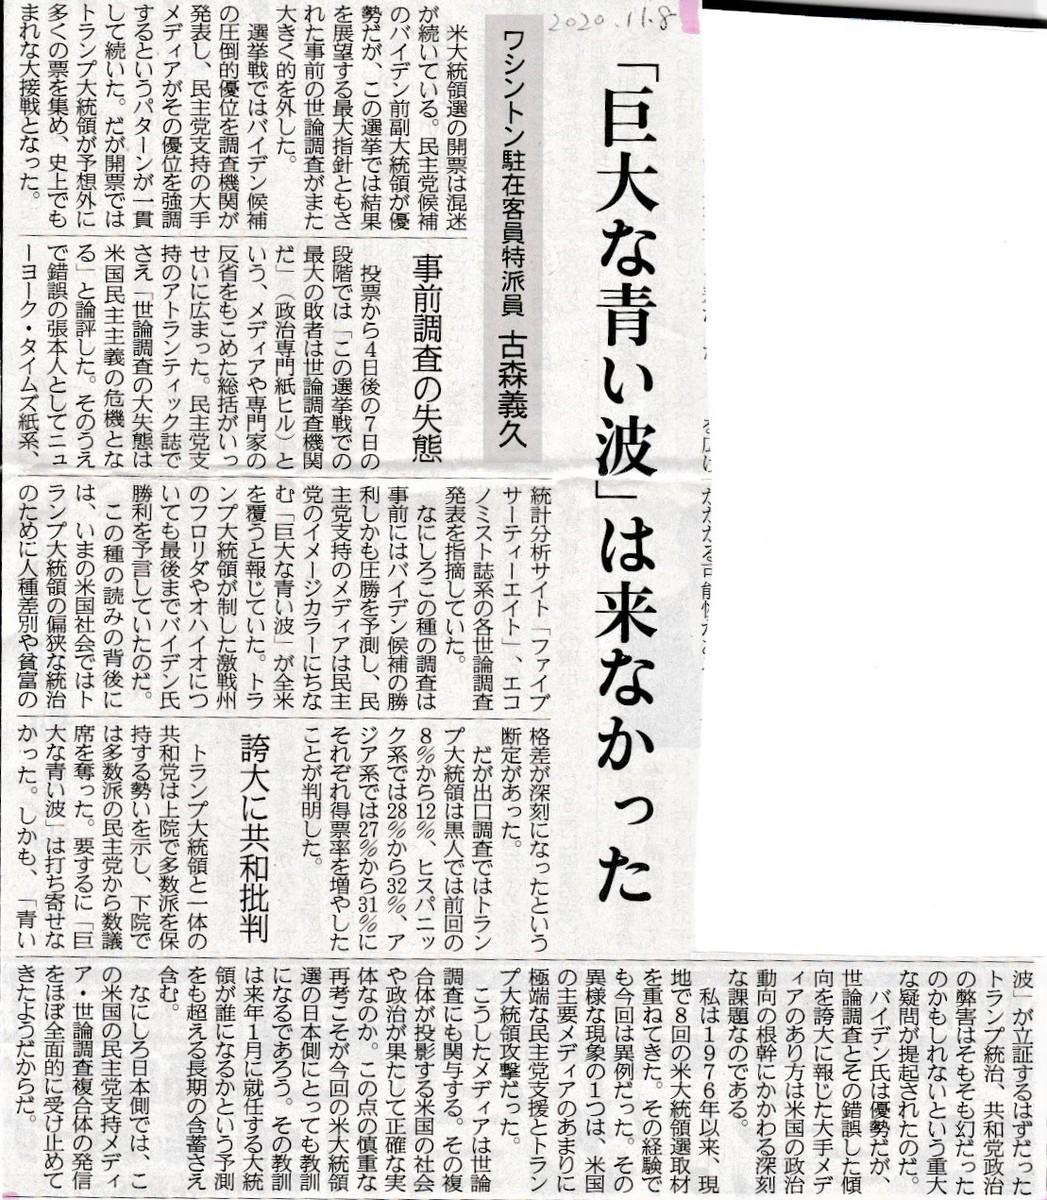 f:id:satoumamoru:20201108163134j:plain